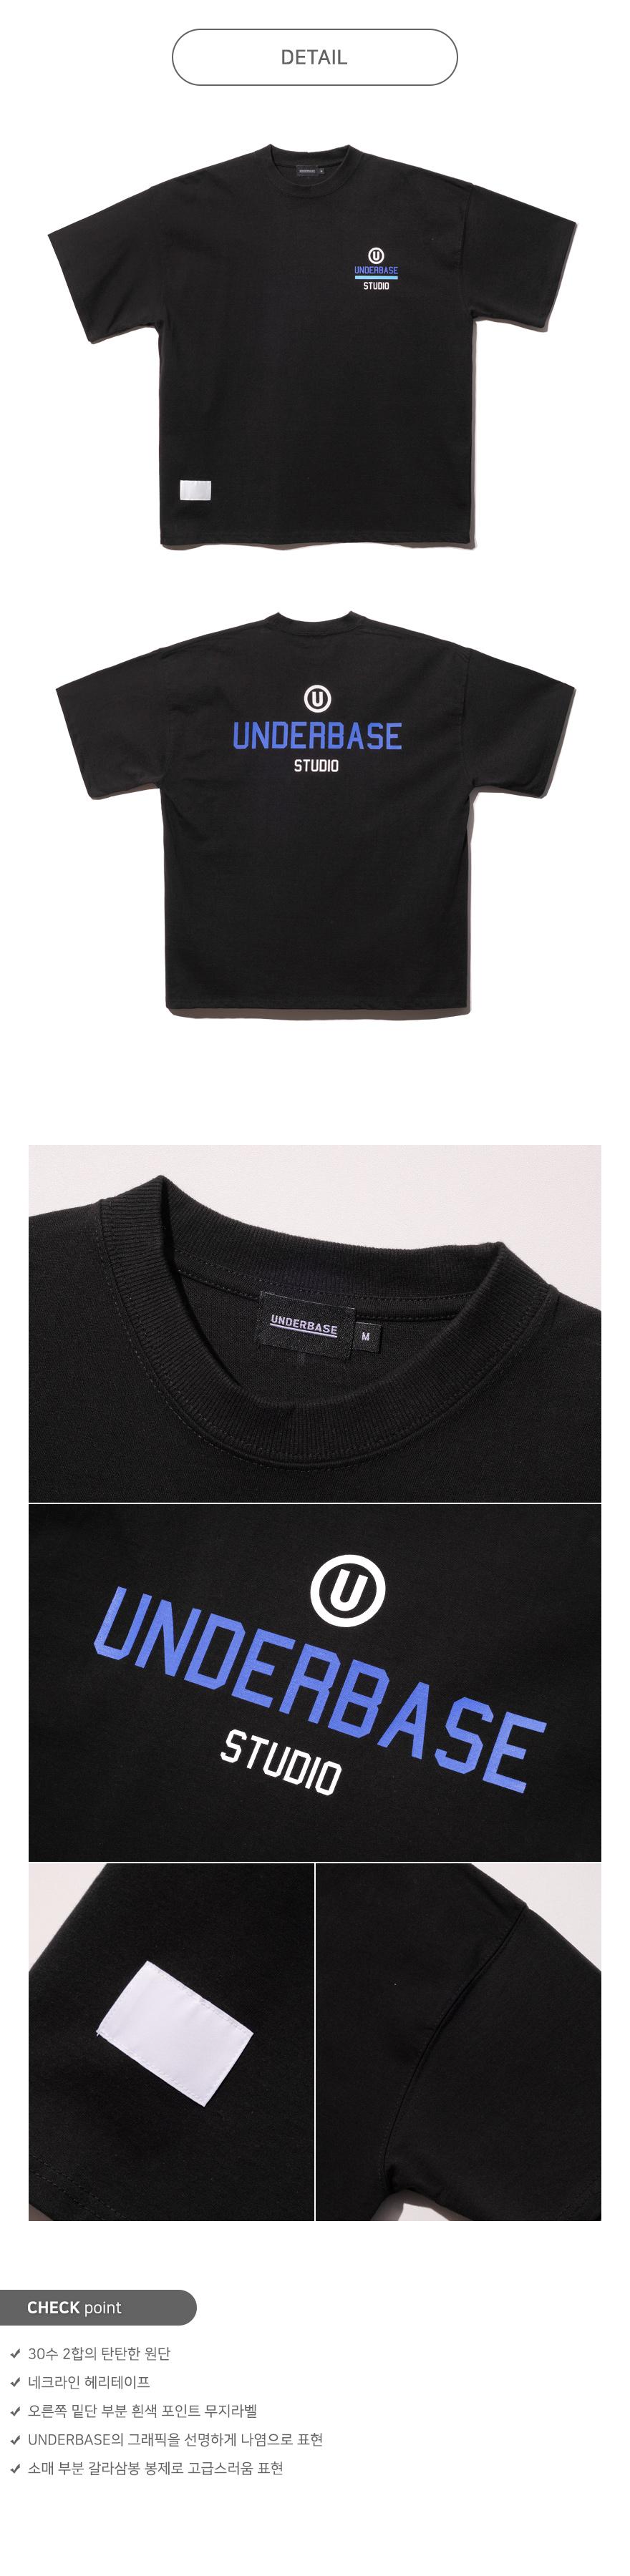 KHST9042_detail_black_uk.jpg